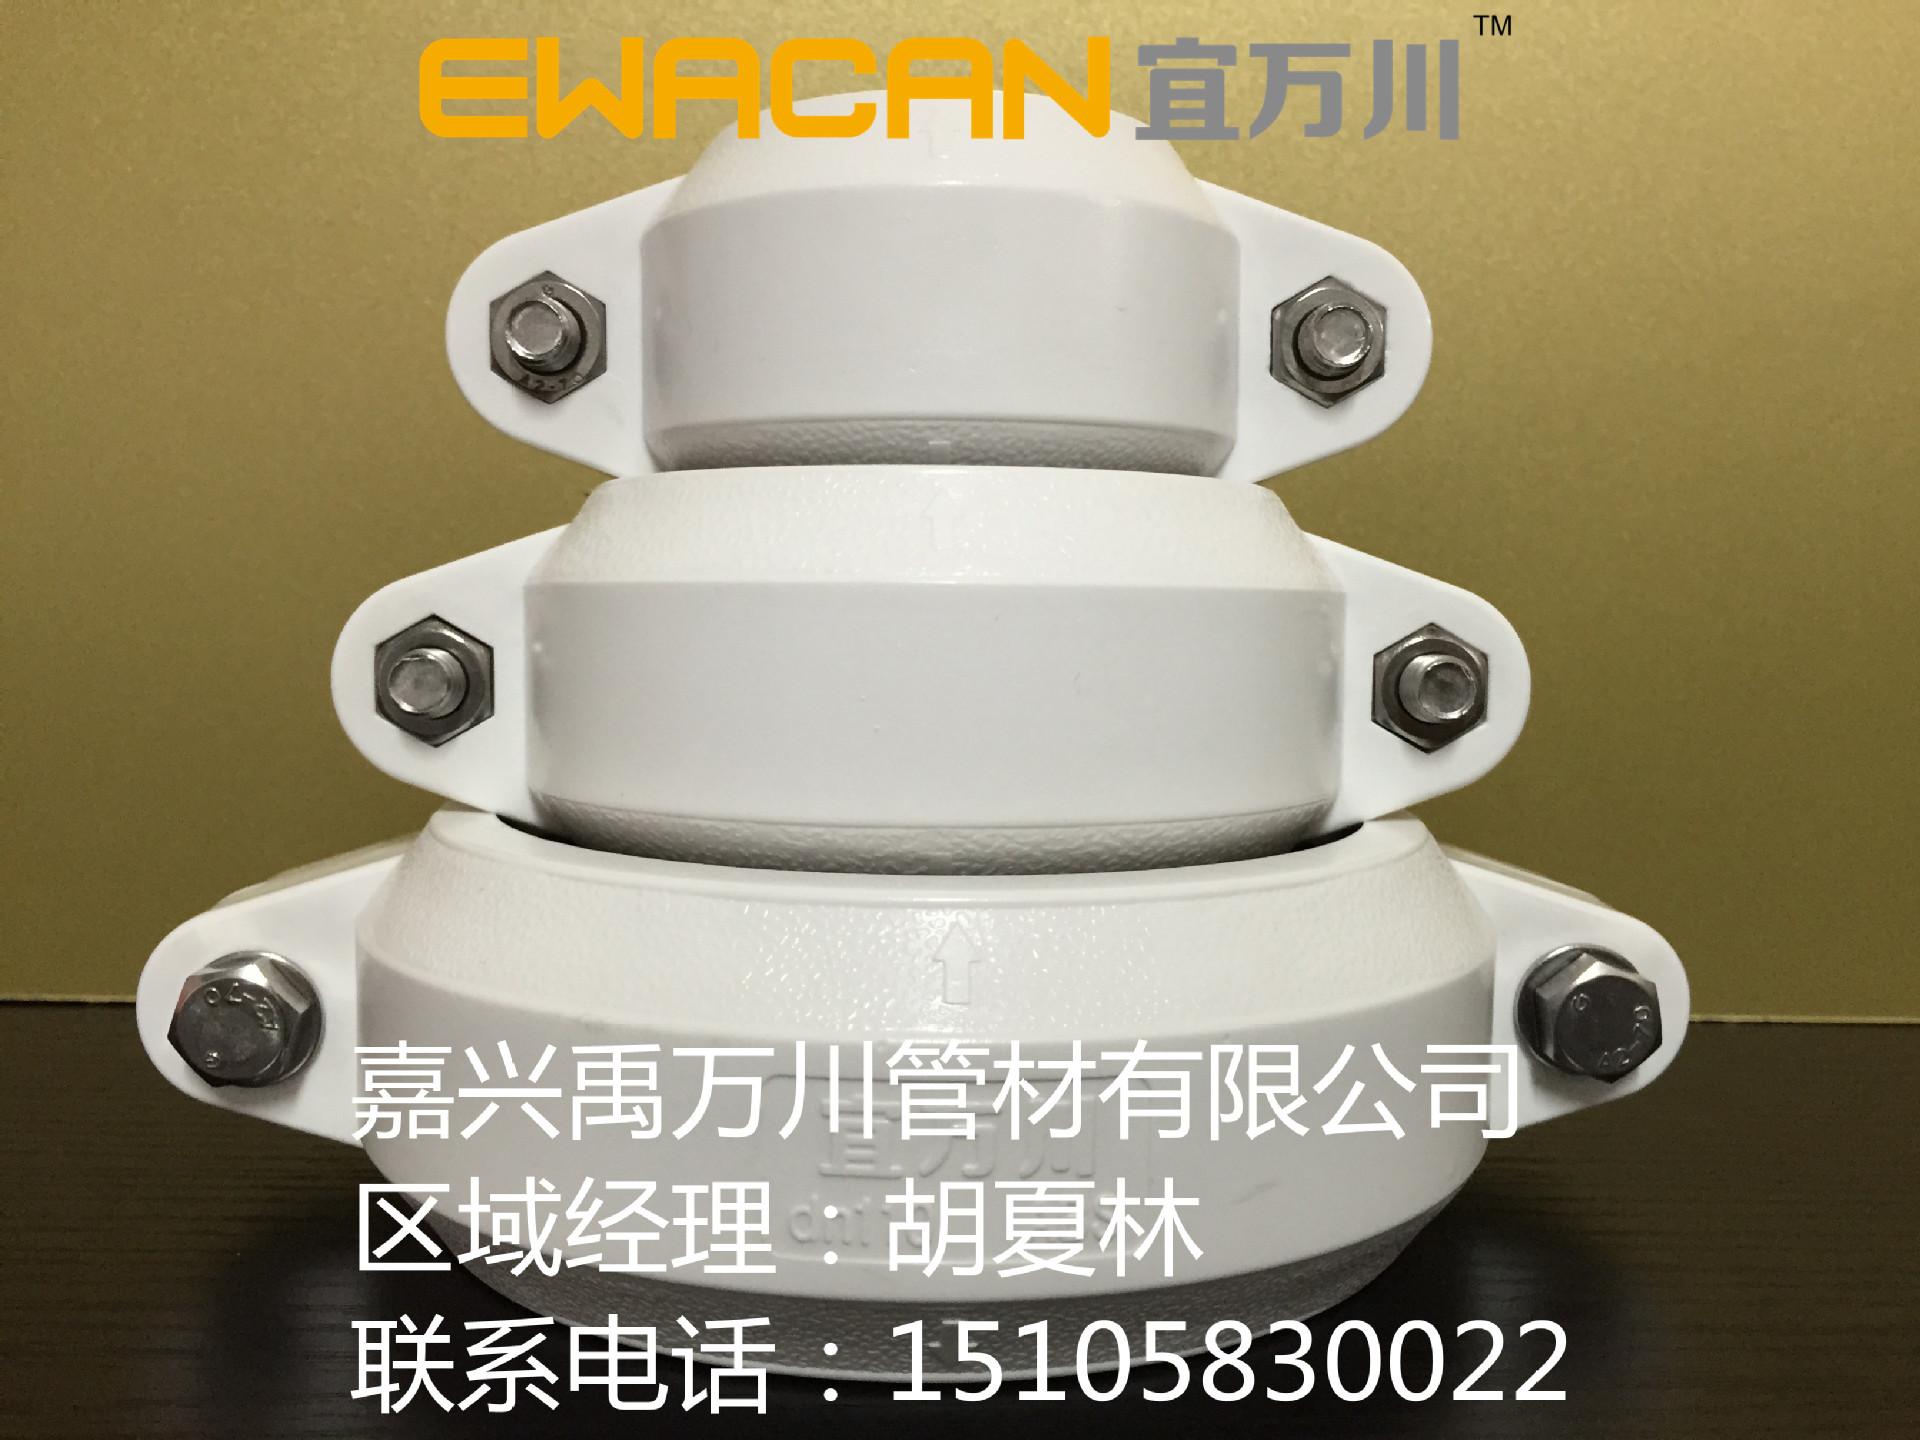 沟槽式hdpe静音排水管,hdpe沟槽管宜万川柔性连接PE管ABS卡箍示例图4